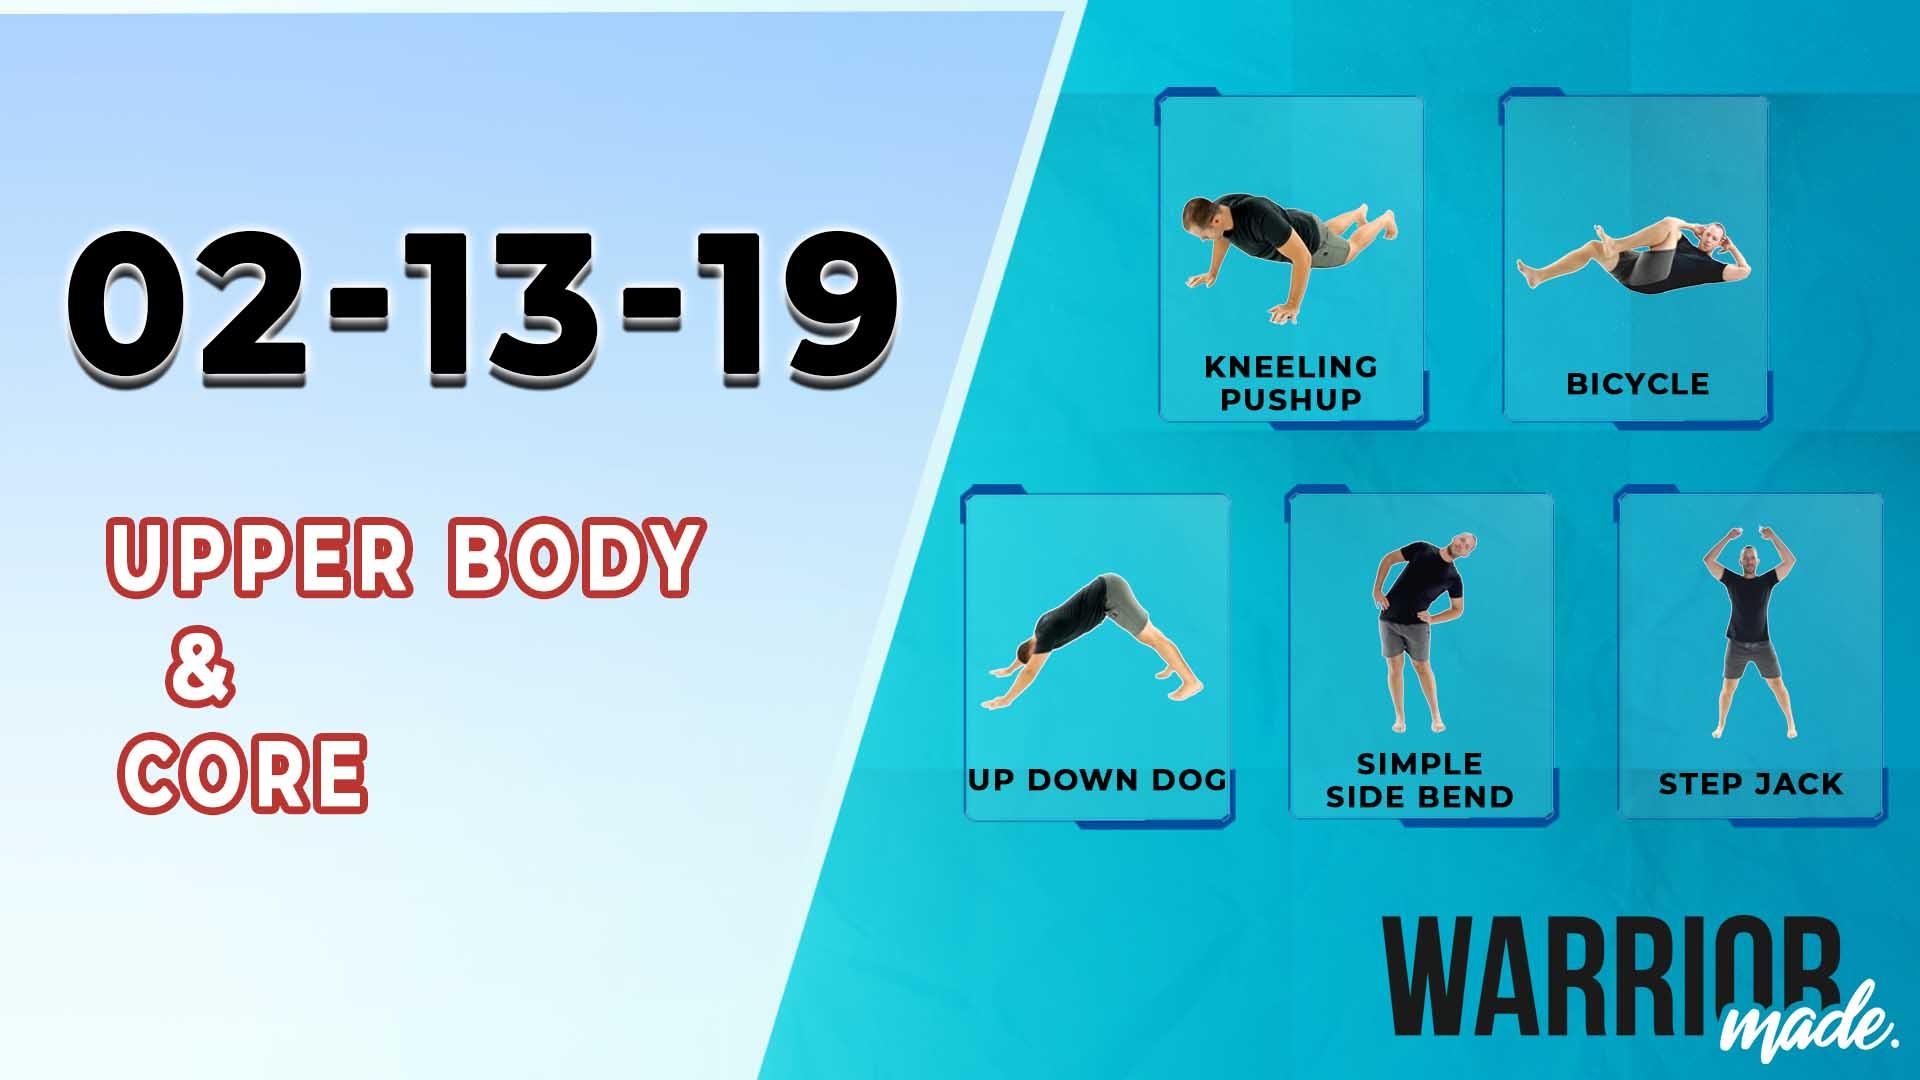 workouts-02-13-19